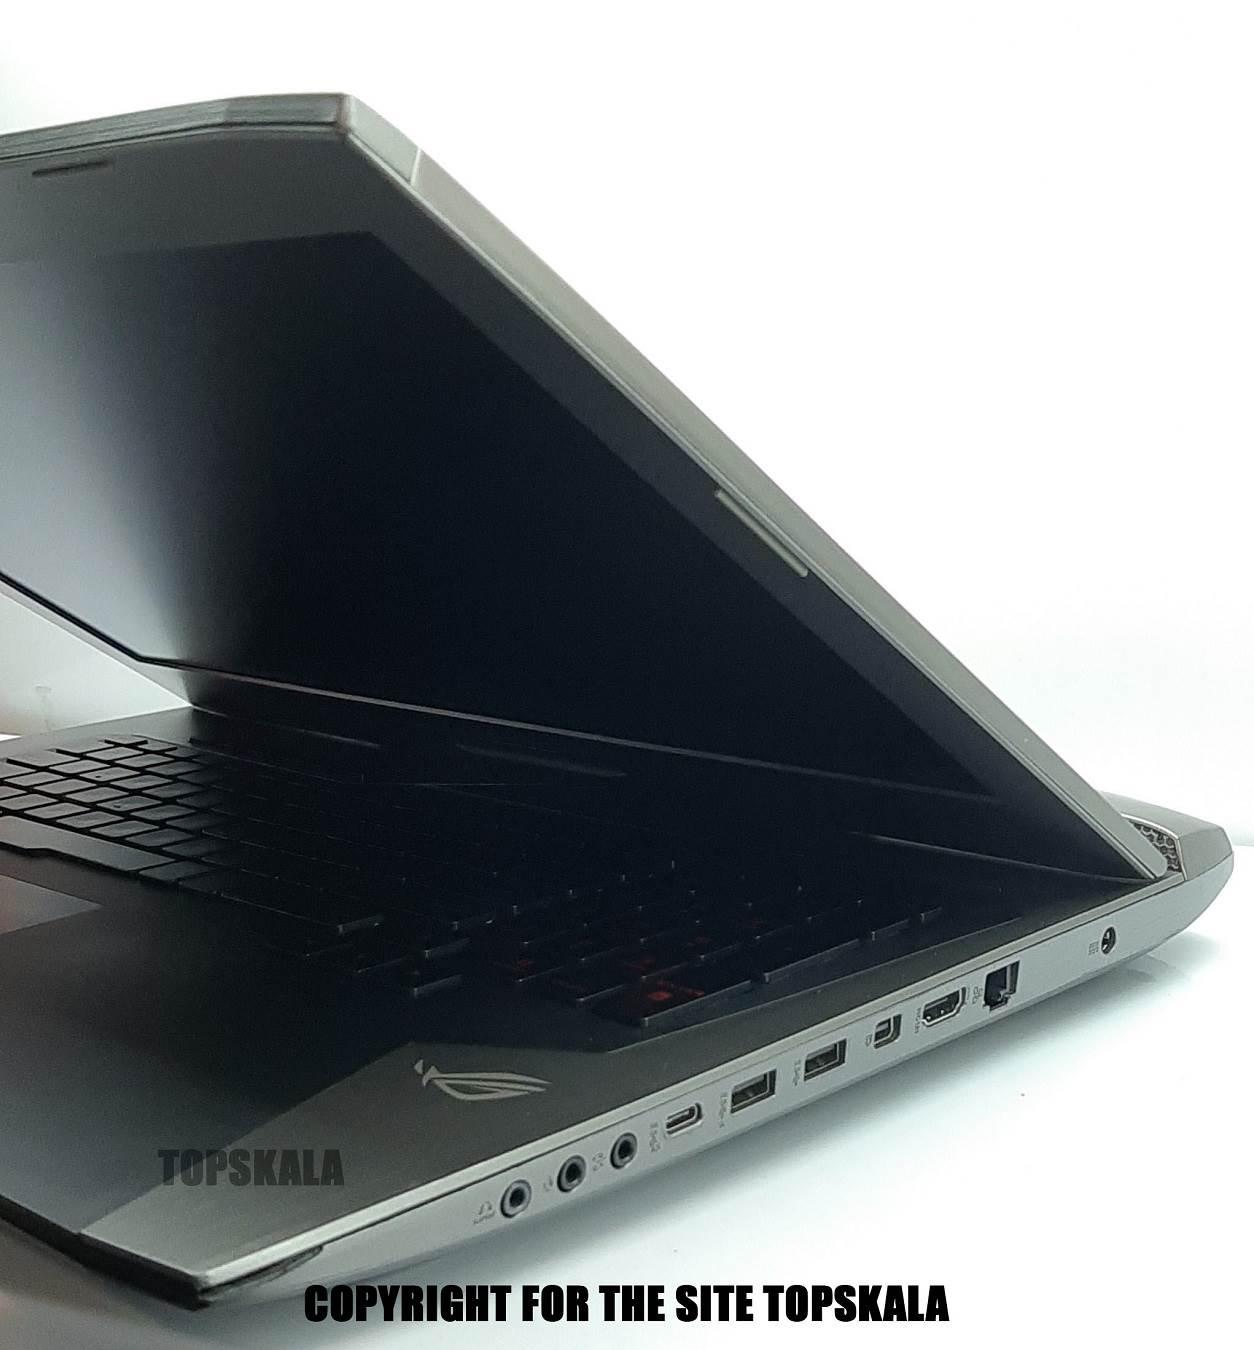 لپ تاپ استوک ایسوس مدل ASUS ROG G752VY با مشخصات i7-6gen-16GB-256GB-SSD-1TB-4GB-NVIDIA-GTX-980M